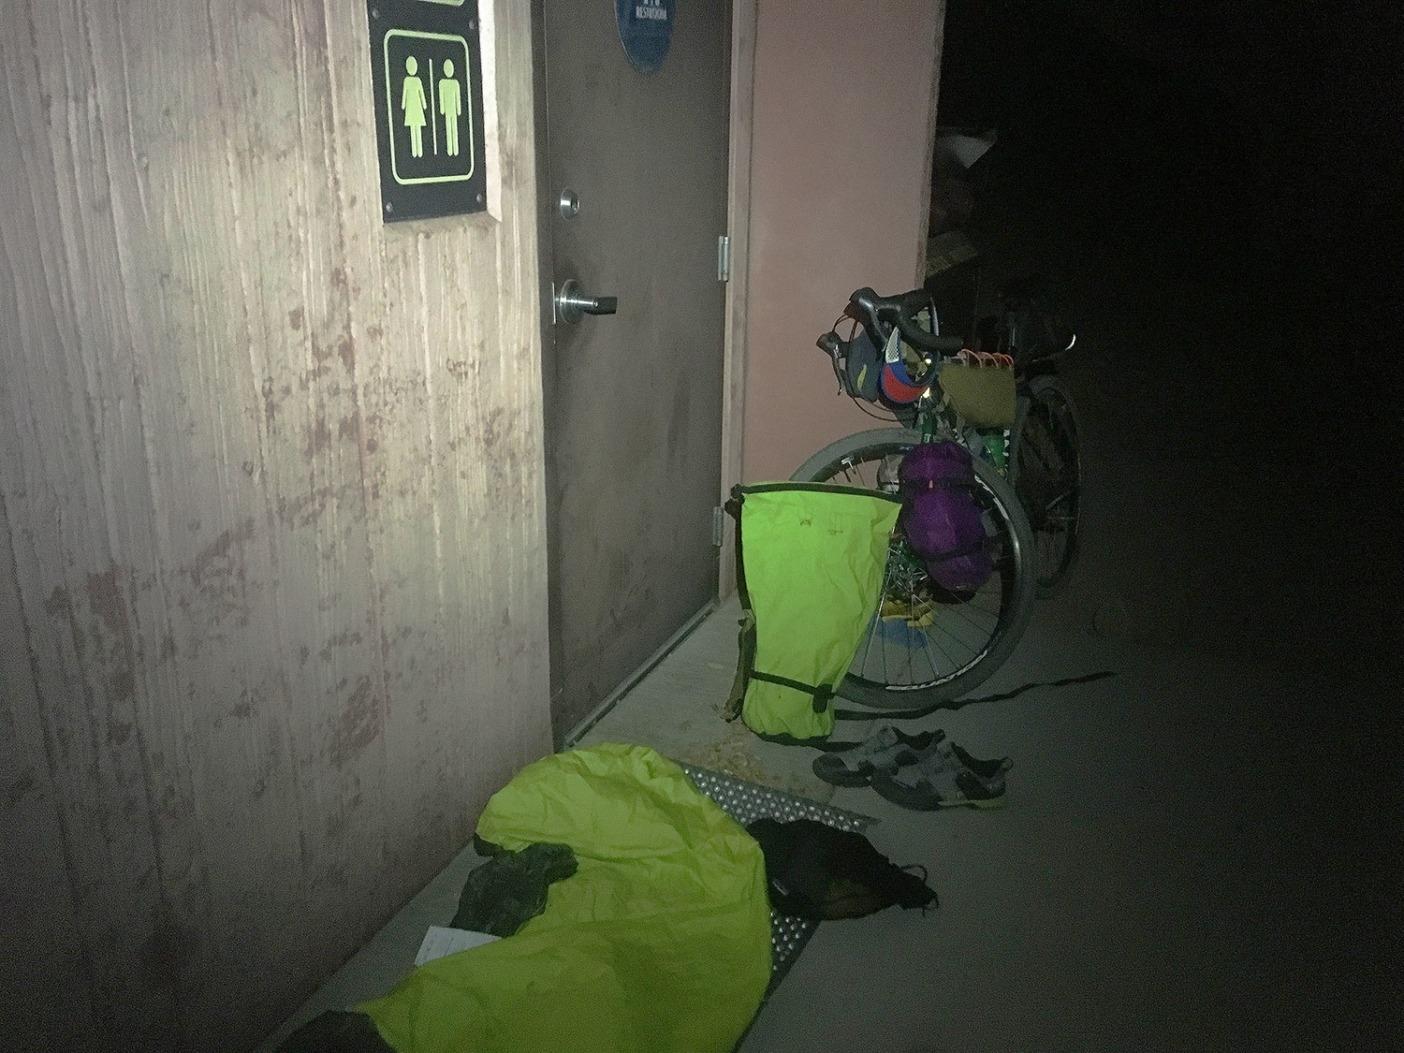 ピットトイレ・キャンプ場、インディペンデンス、カリフォルニア州。Photo: Erik Schulte